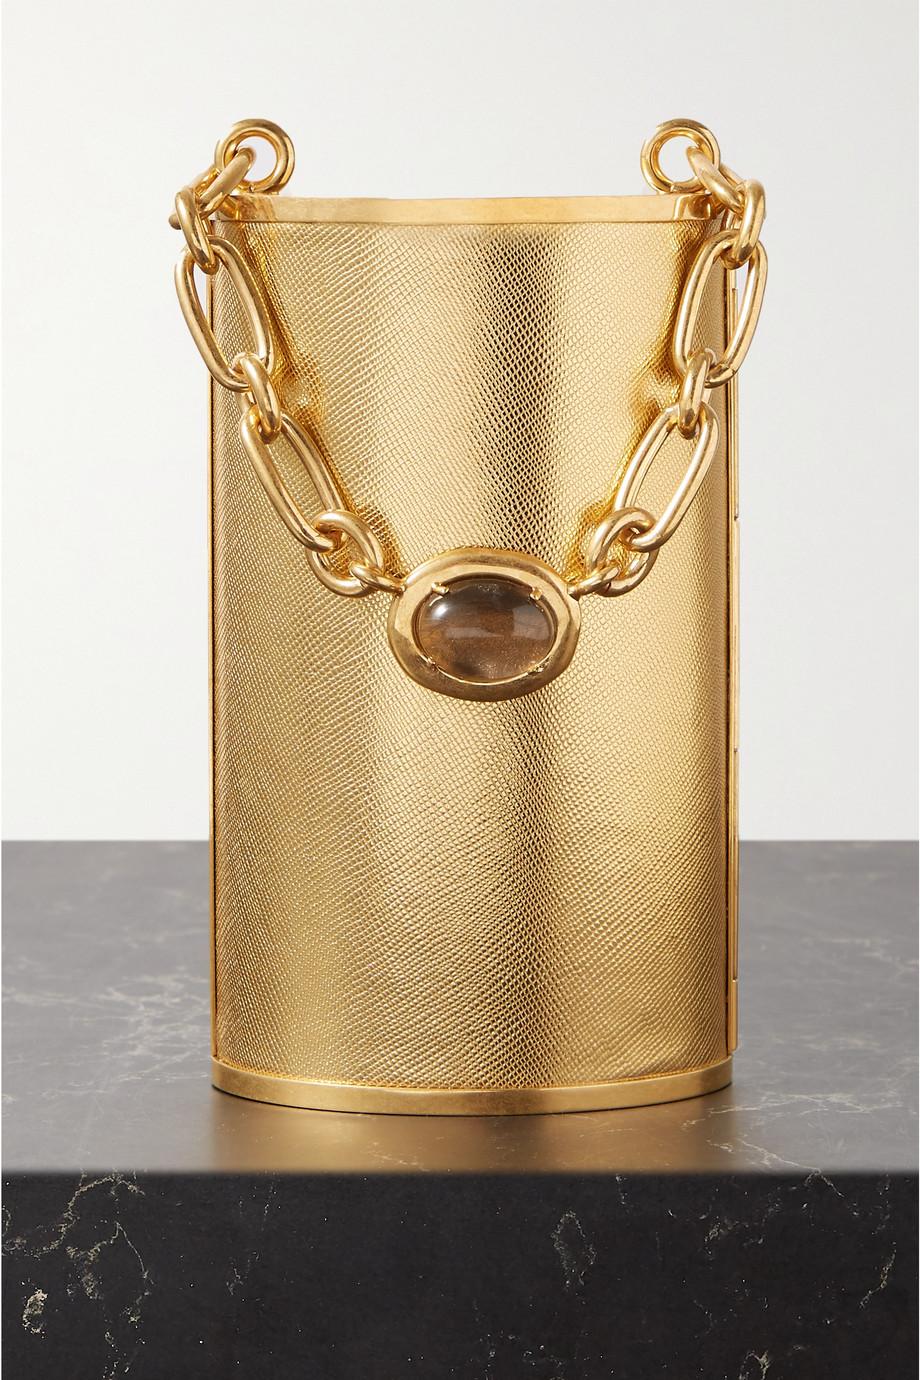 Oscar de la Renta Tower crystal-embellished gold-tone tote